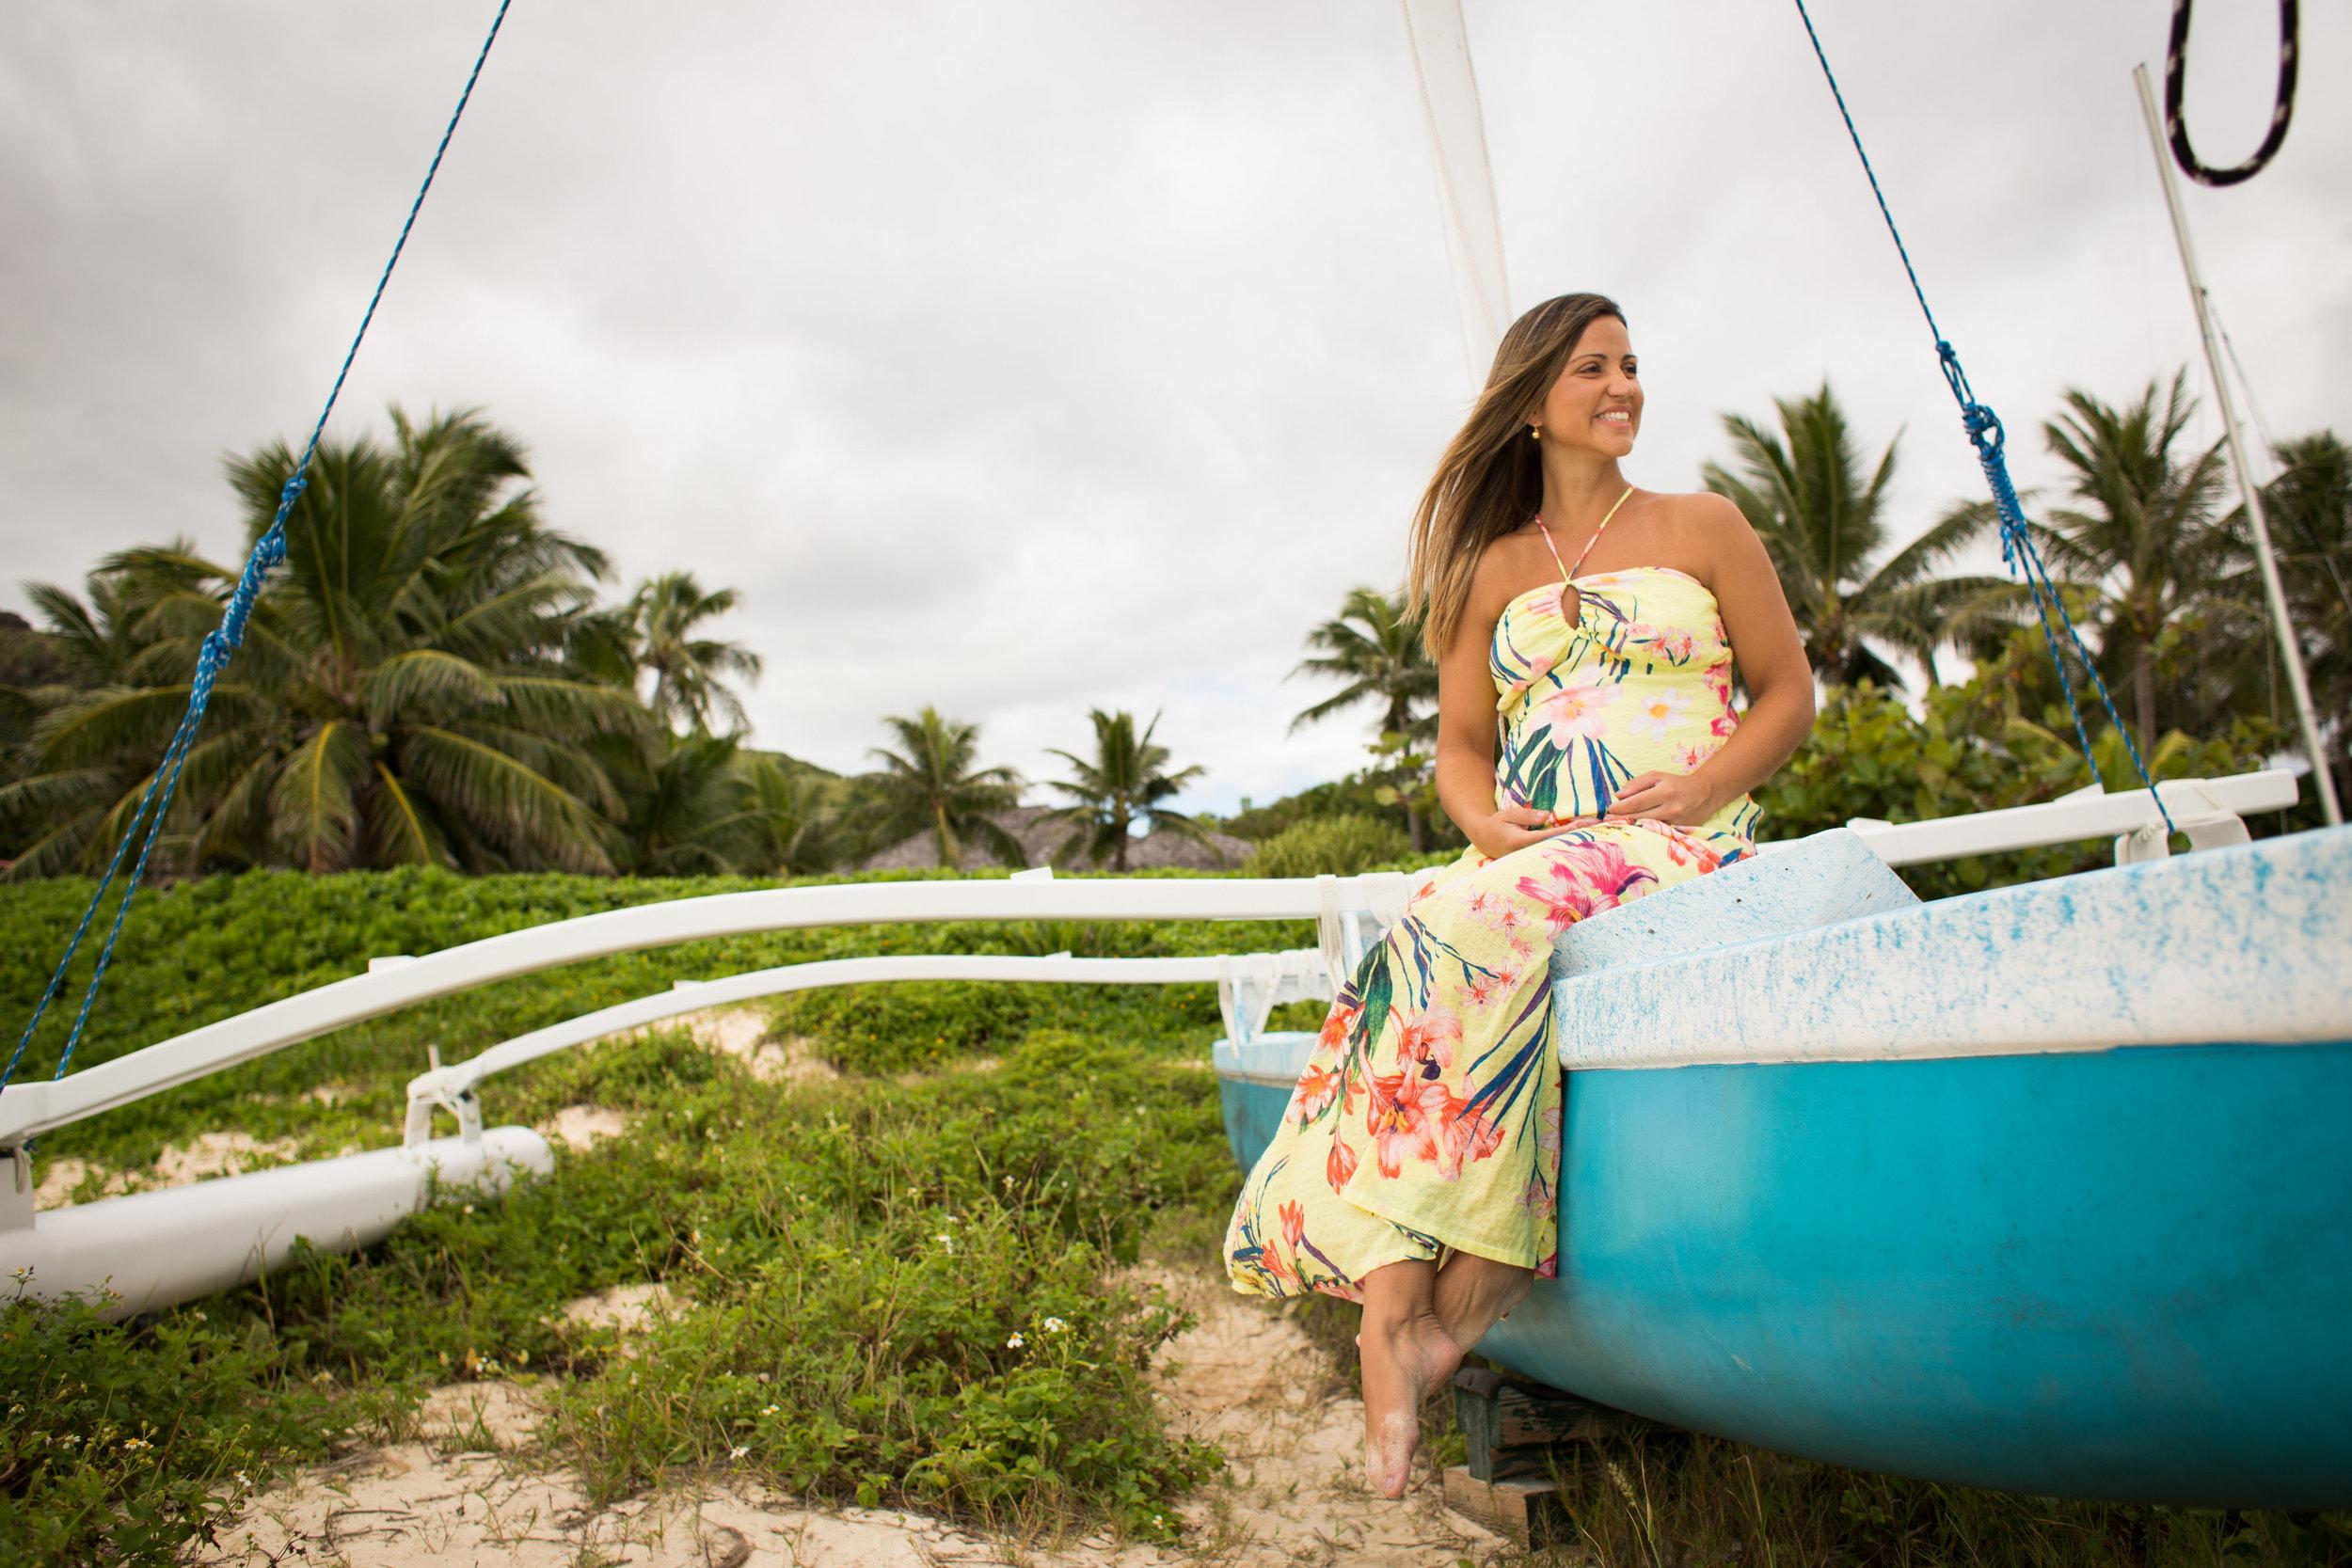 ensaio fotografico no havai ensaio em honolulu11.jpg